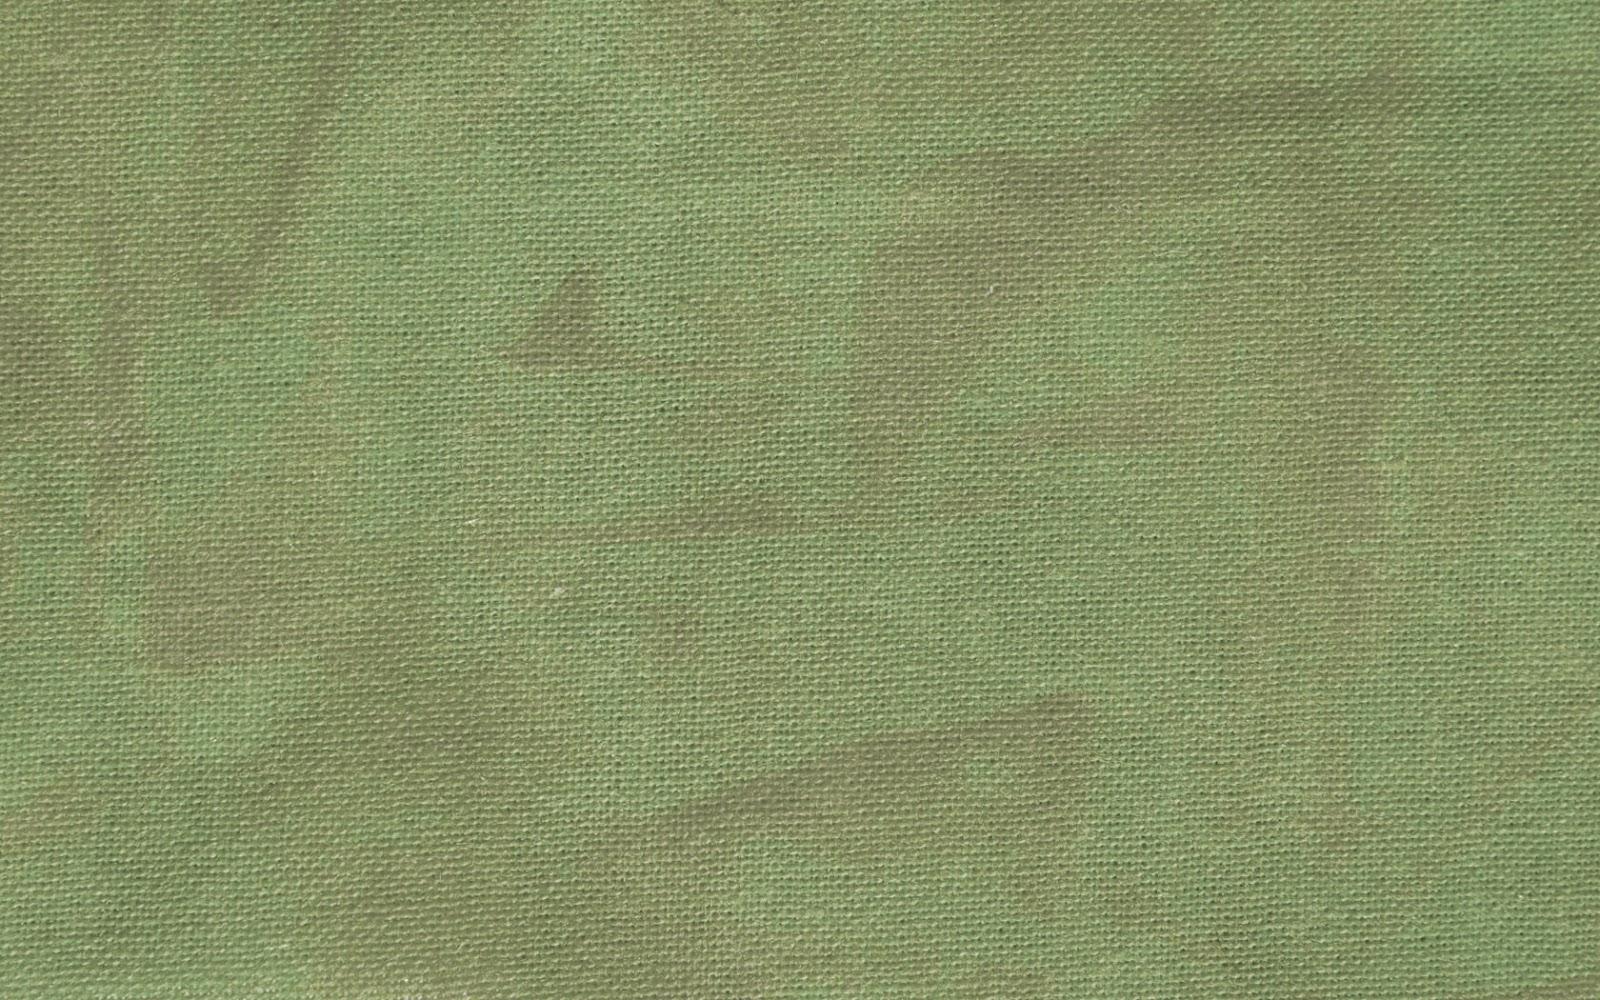 Plain Backgrounds for tumblr wallpaper Plain Backgrounds for tumblr 1600x1000